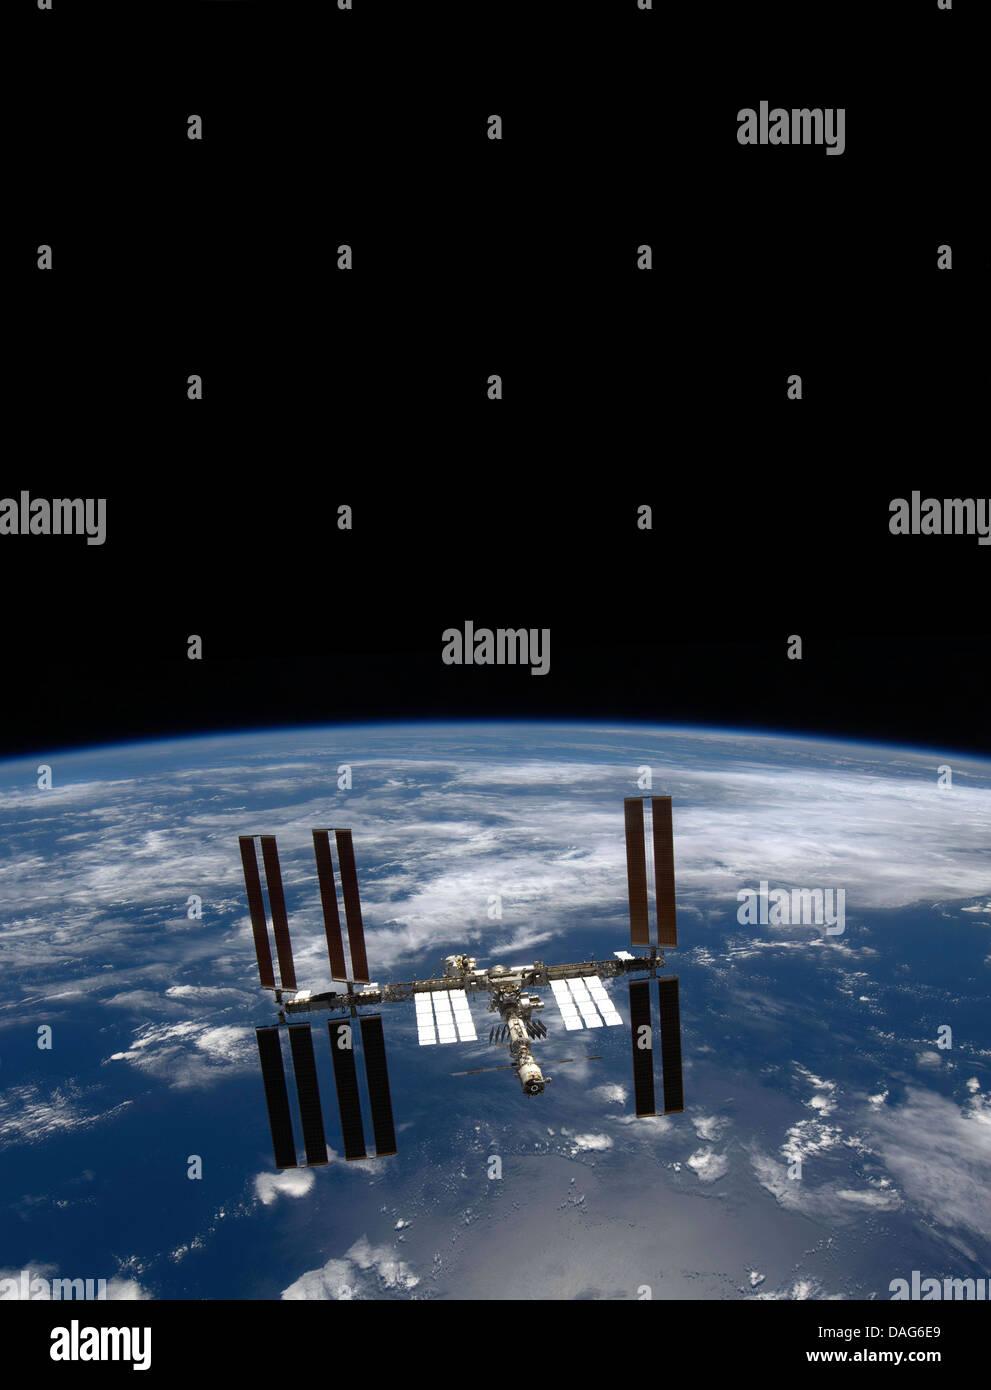 La masse et la noirceur de l'espace, la Station spatiale internationale. Version optimisée d'un original Photo Stock